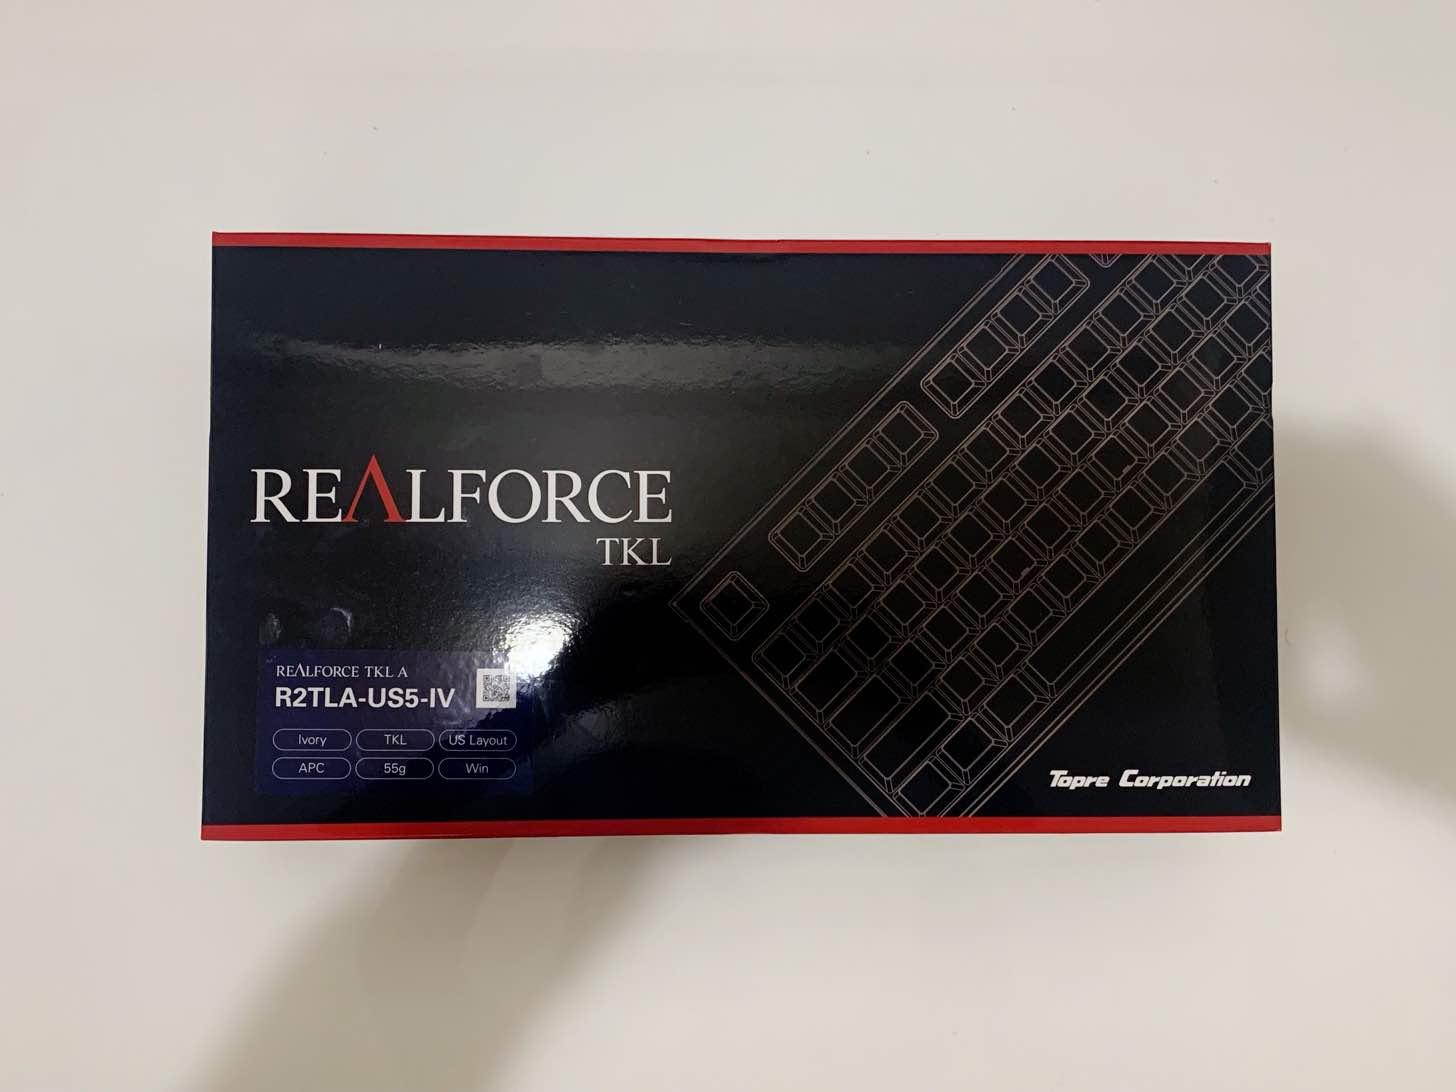 RealForce R2TLA-US5-Ⅳ